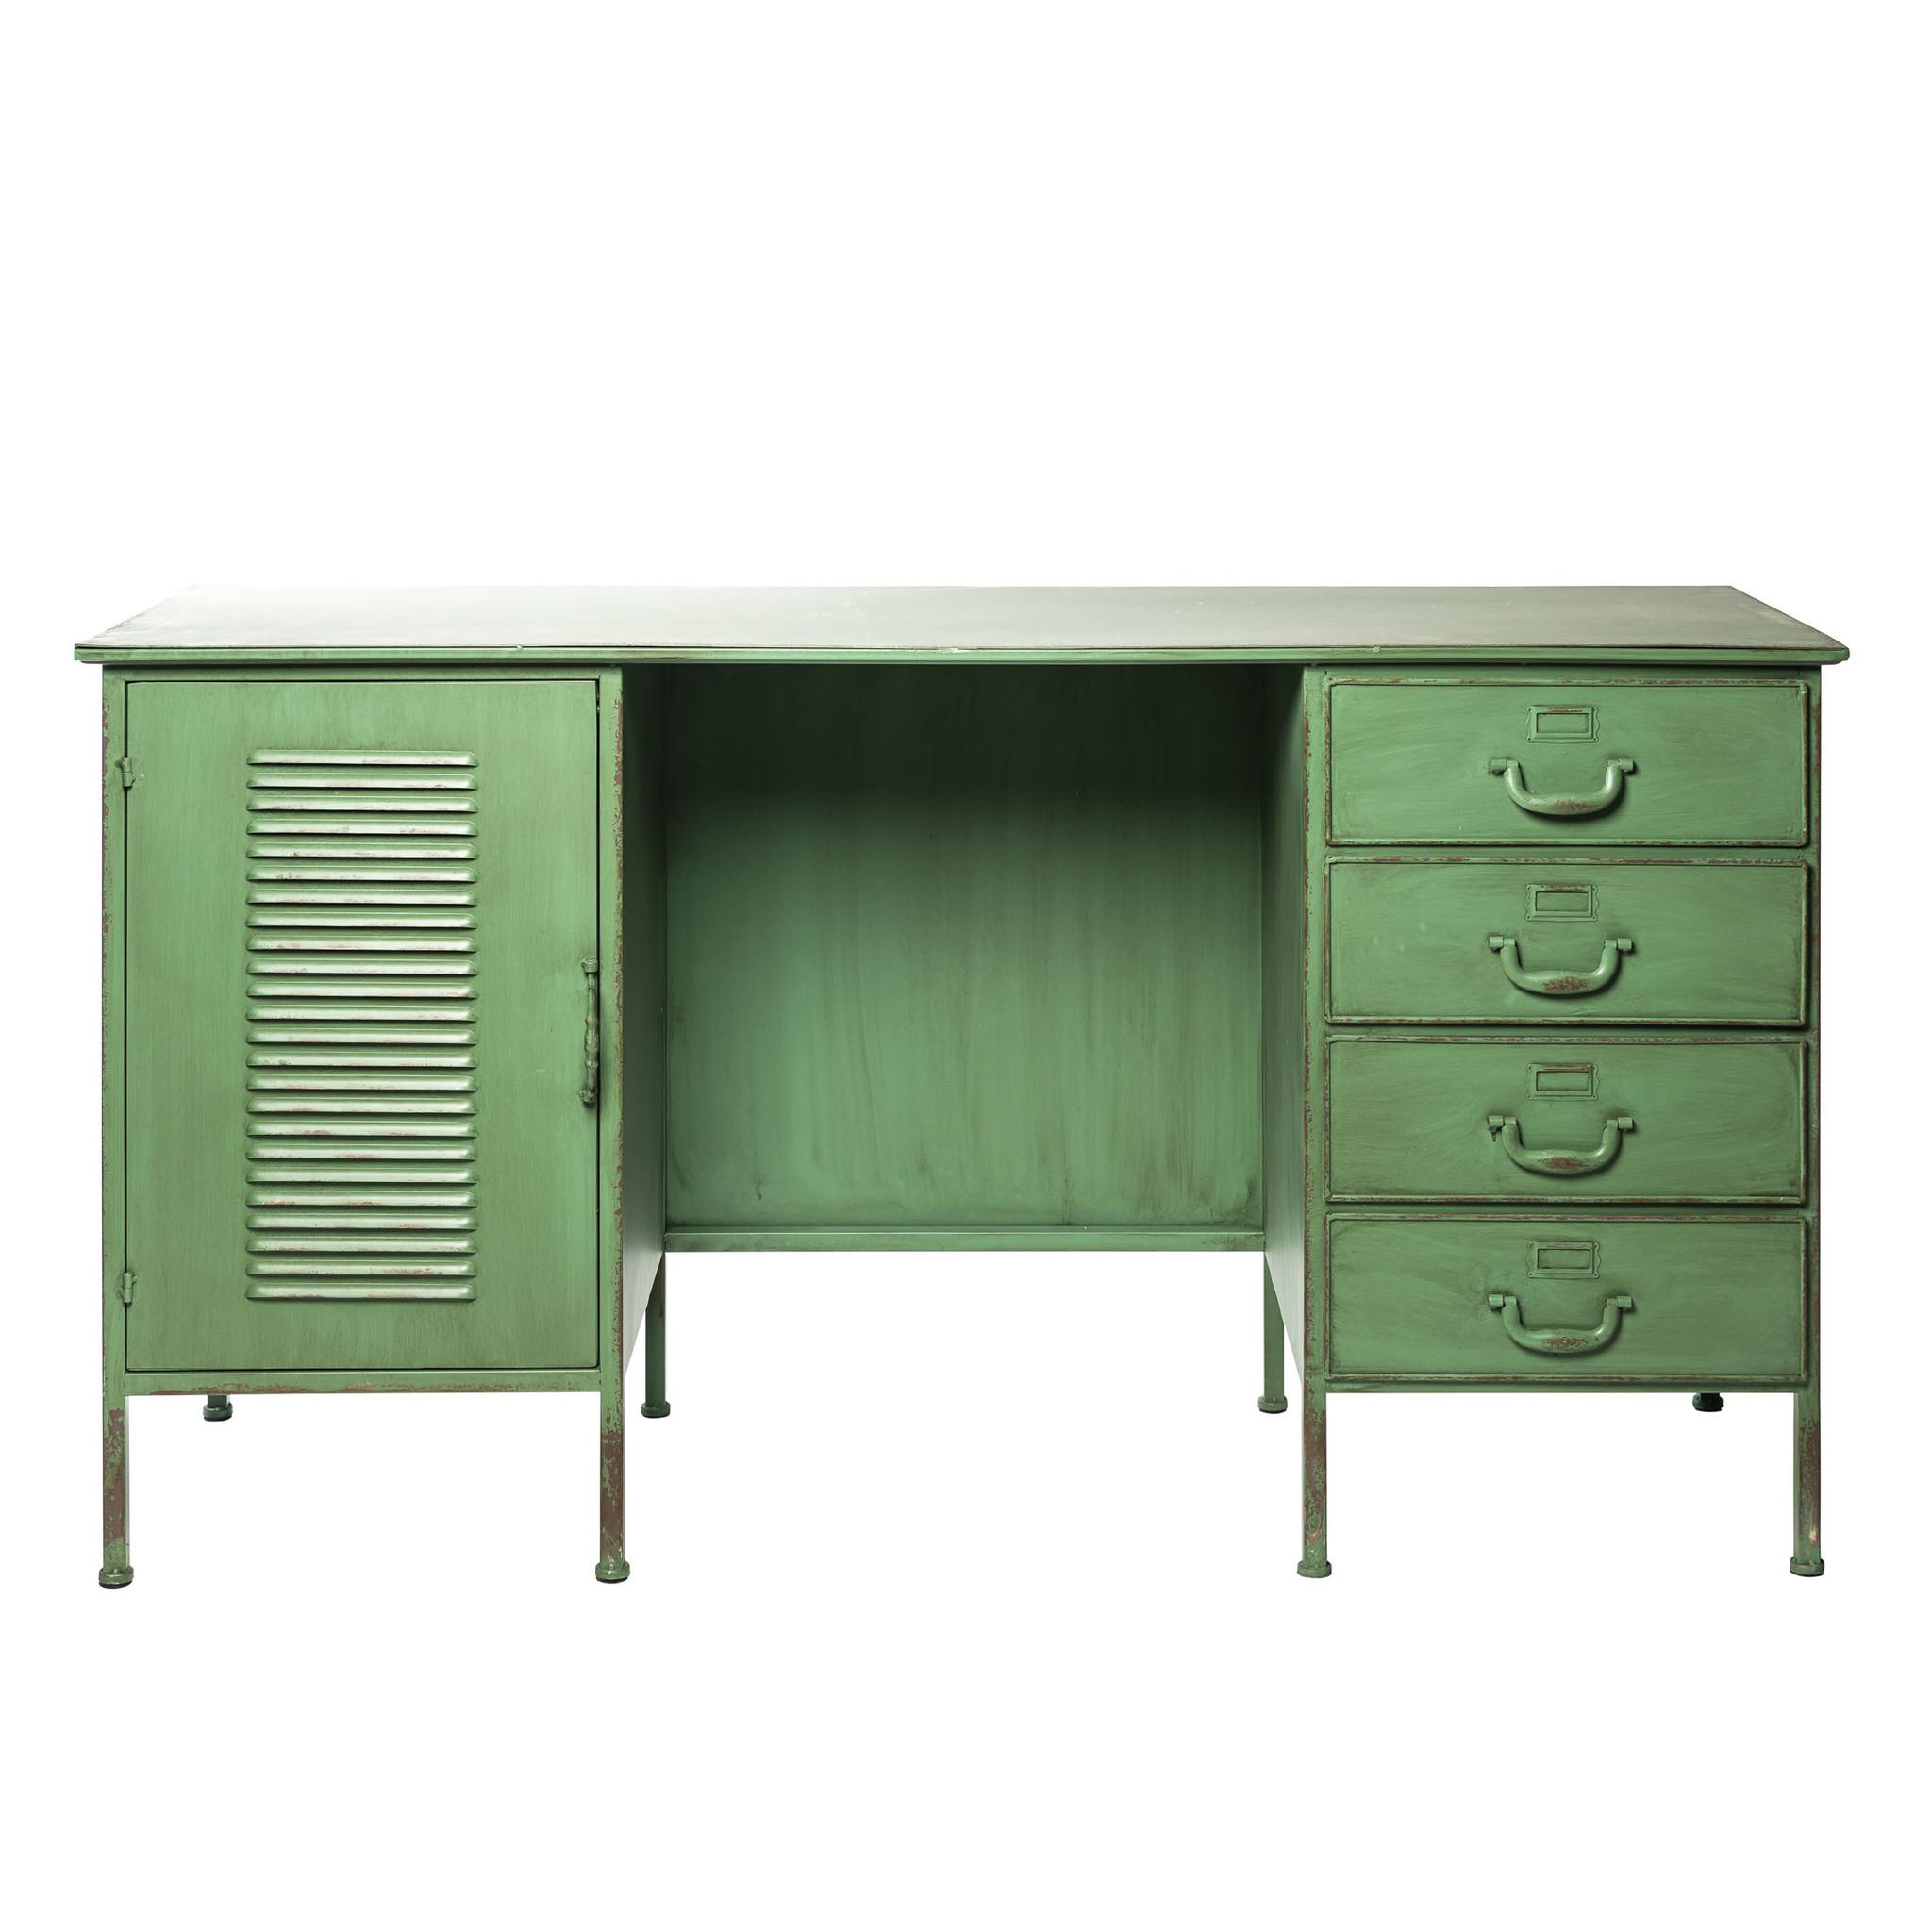 Vintage bureau uitgevoerd in groen metaal